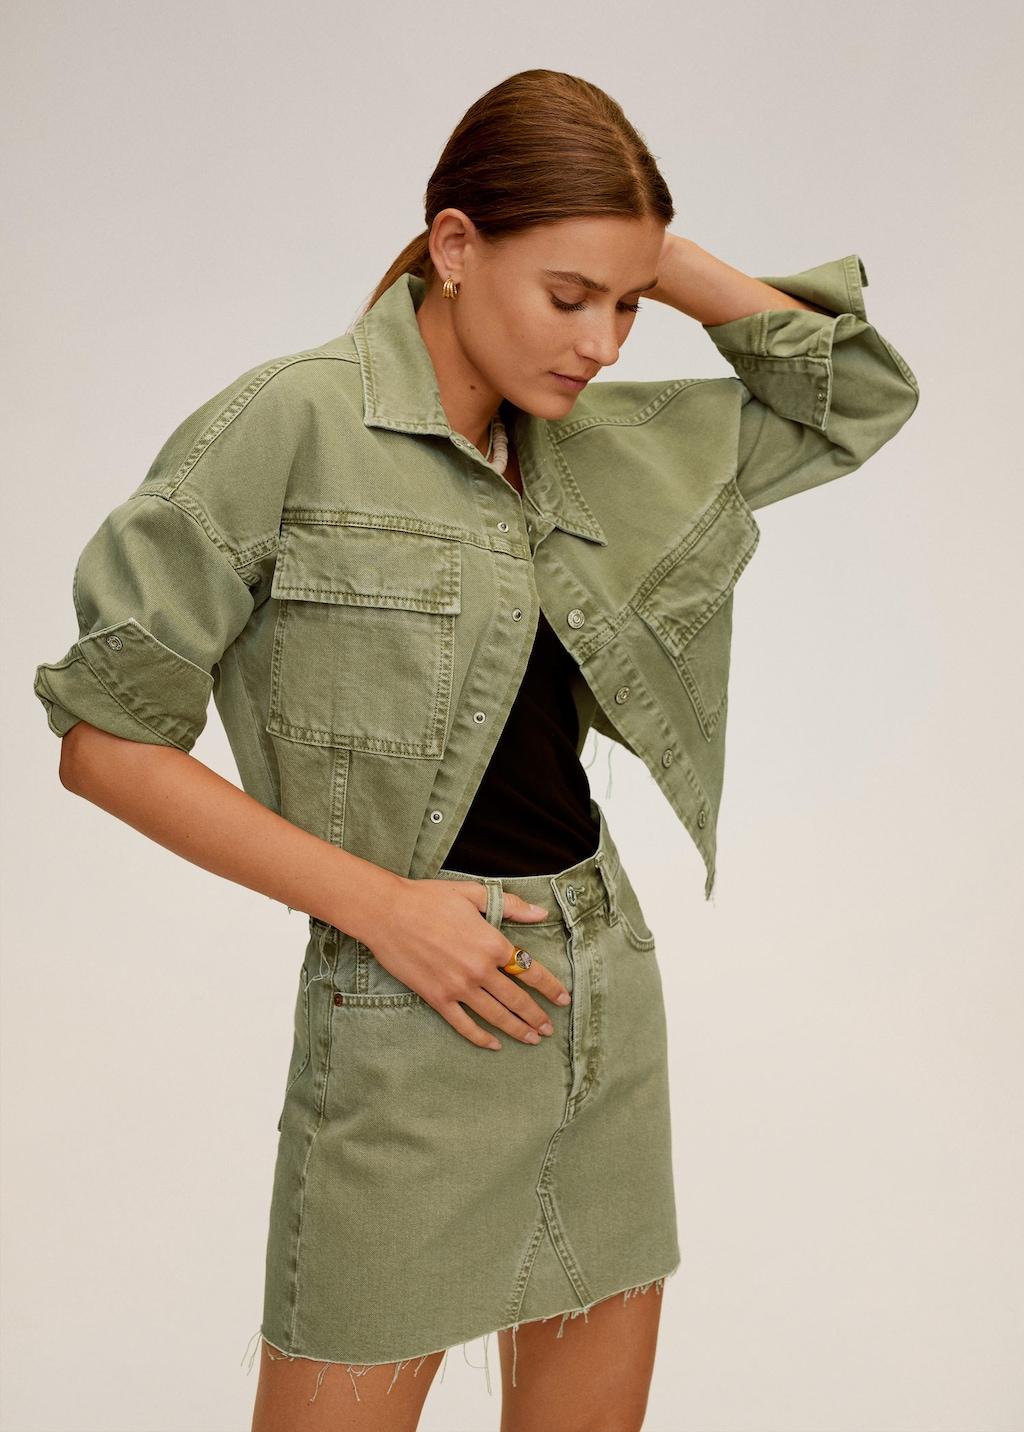 Từ kinh nghiệm của tín đồ shopping: Có những kiểu trang phục bạn tuyệt đối không được mua hàng online - Ảnh 6.